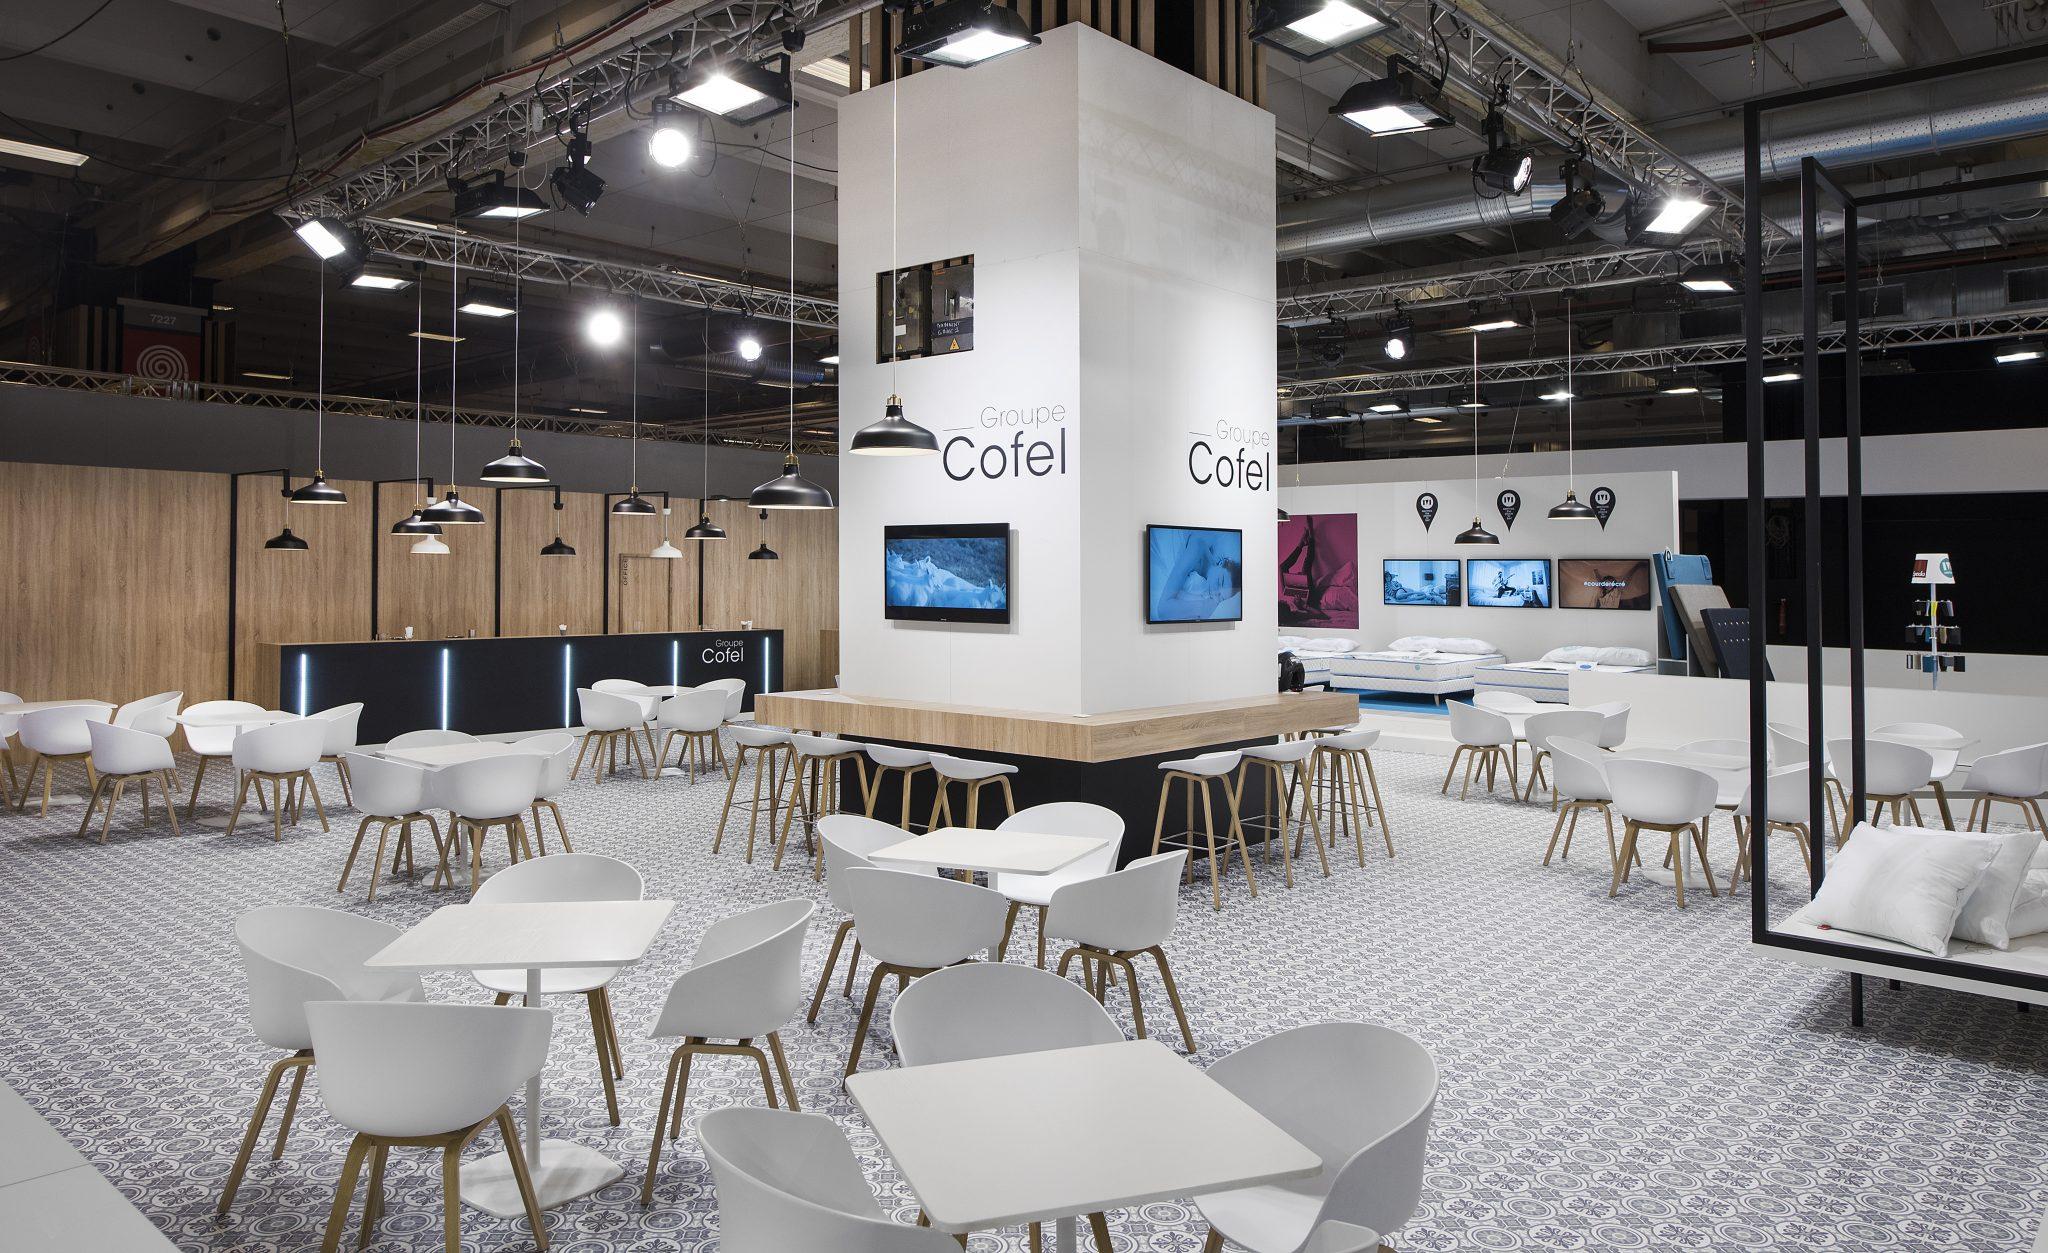 Stand cofel 1020 m salon esprit meuble stand 2b for Salon esprit meuble